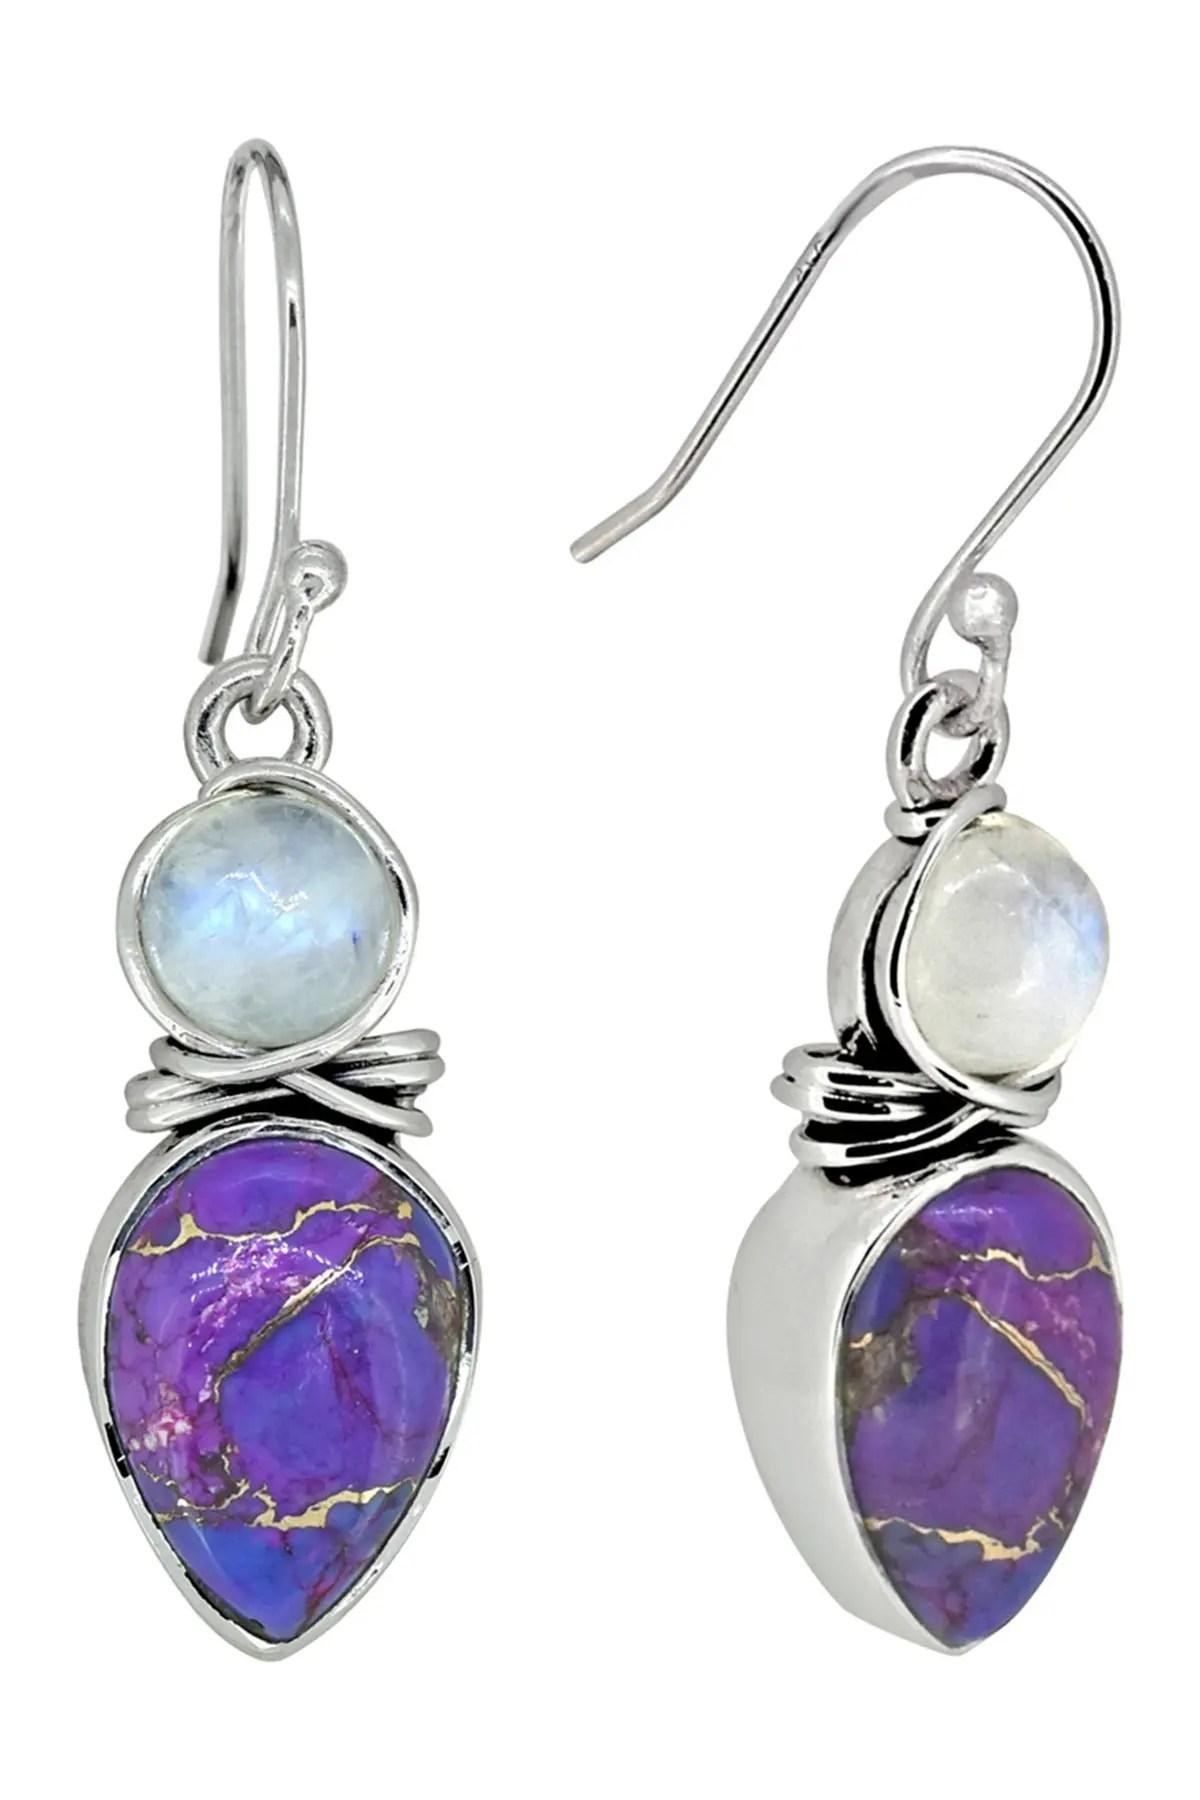 Purple Copper Turquoise : purple, copper, turquoise, Nitya, Sterling, Silver, Purple, Copper, Turquoise, Rainbow, Moonstone, Earring, Nordstrom